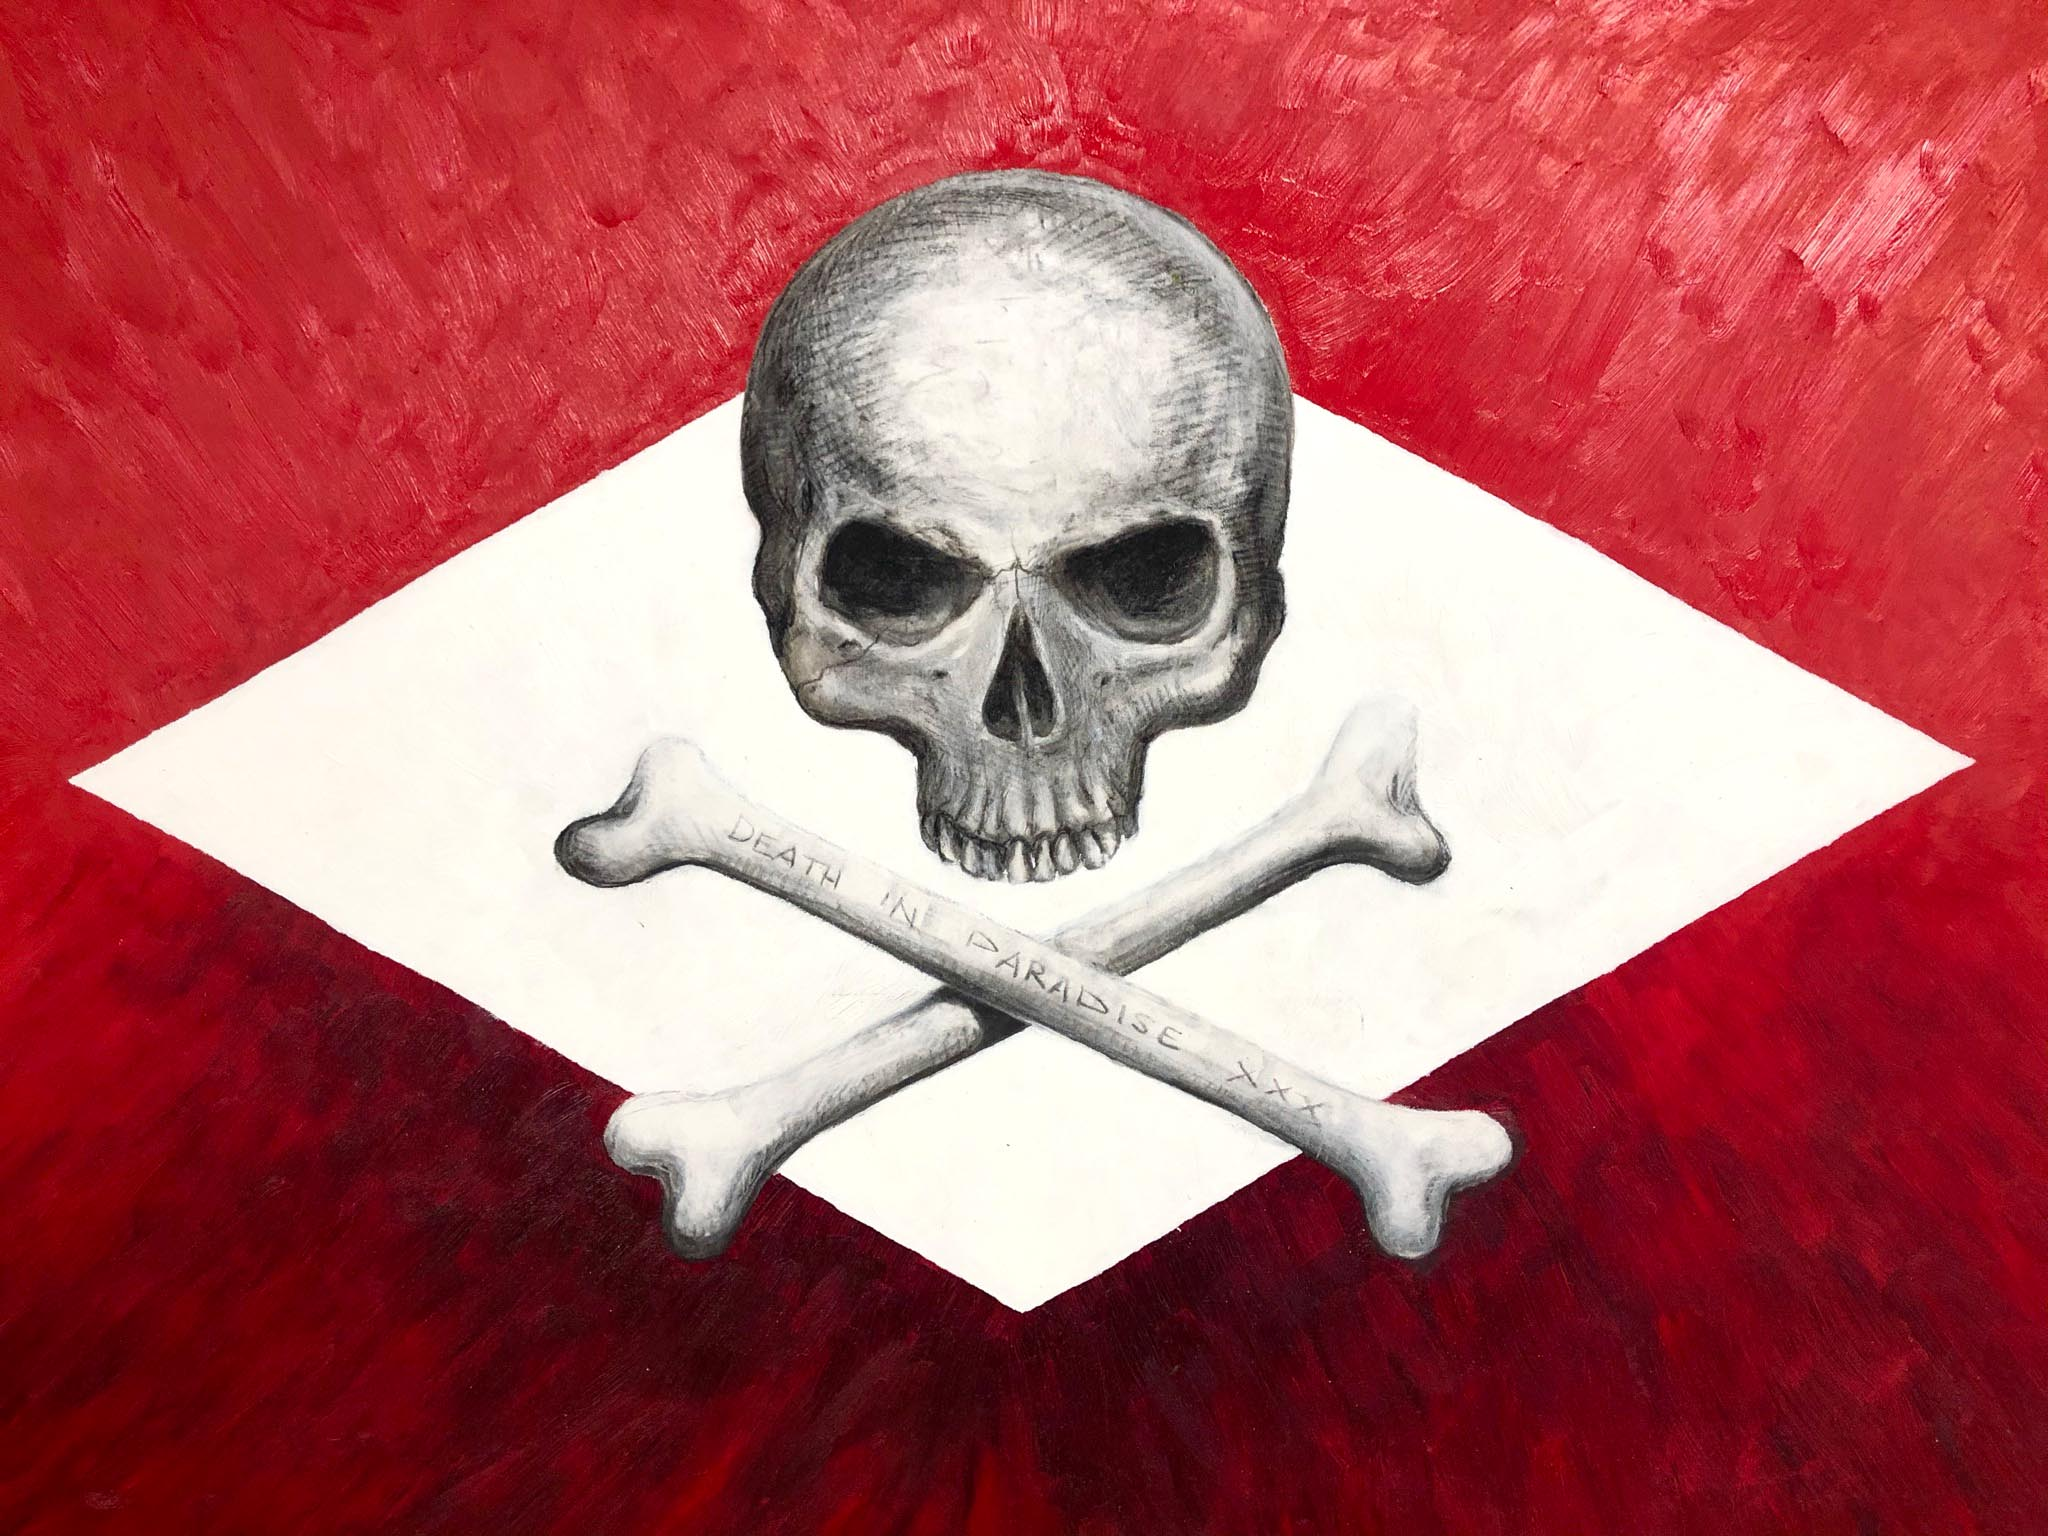 Death in Paradise Öl-Kohleskizze © Rita Stern Miltenberg